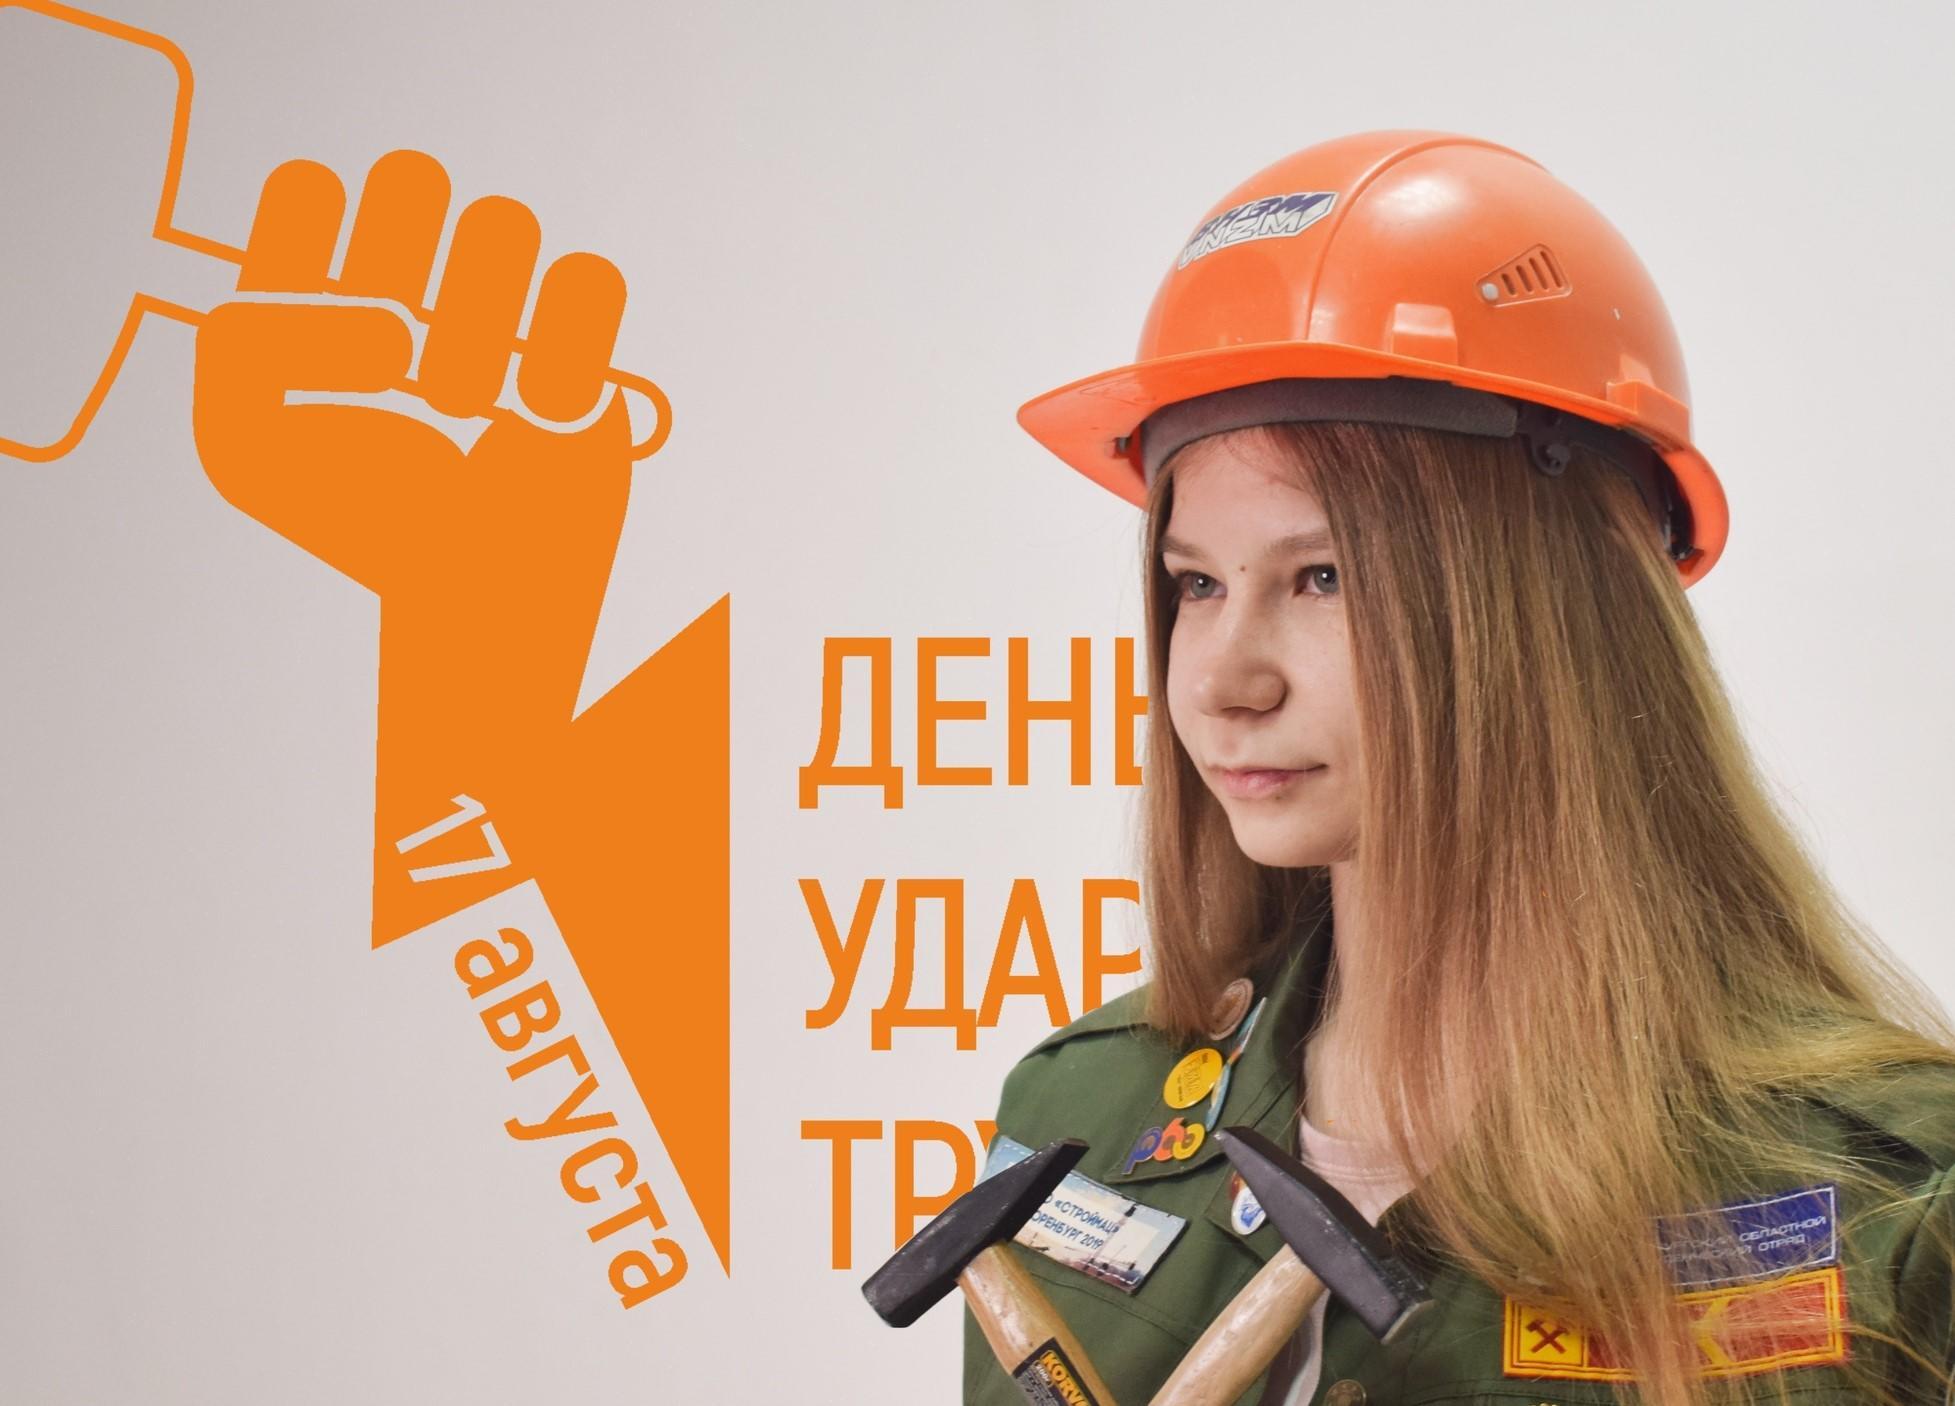 17 августа - день единых действий Всероссийской акции «День ударного труда»